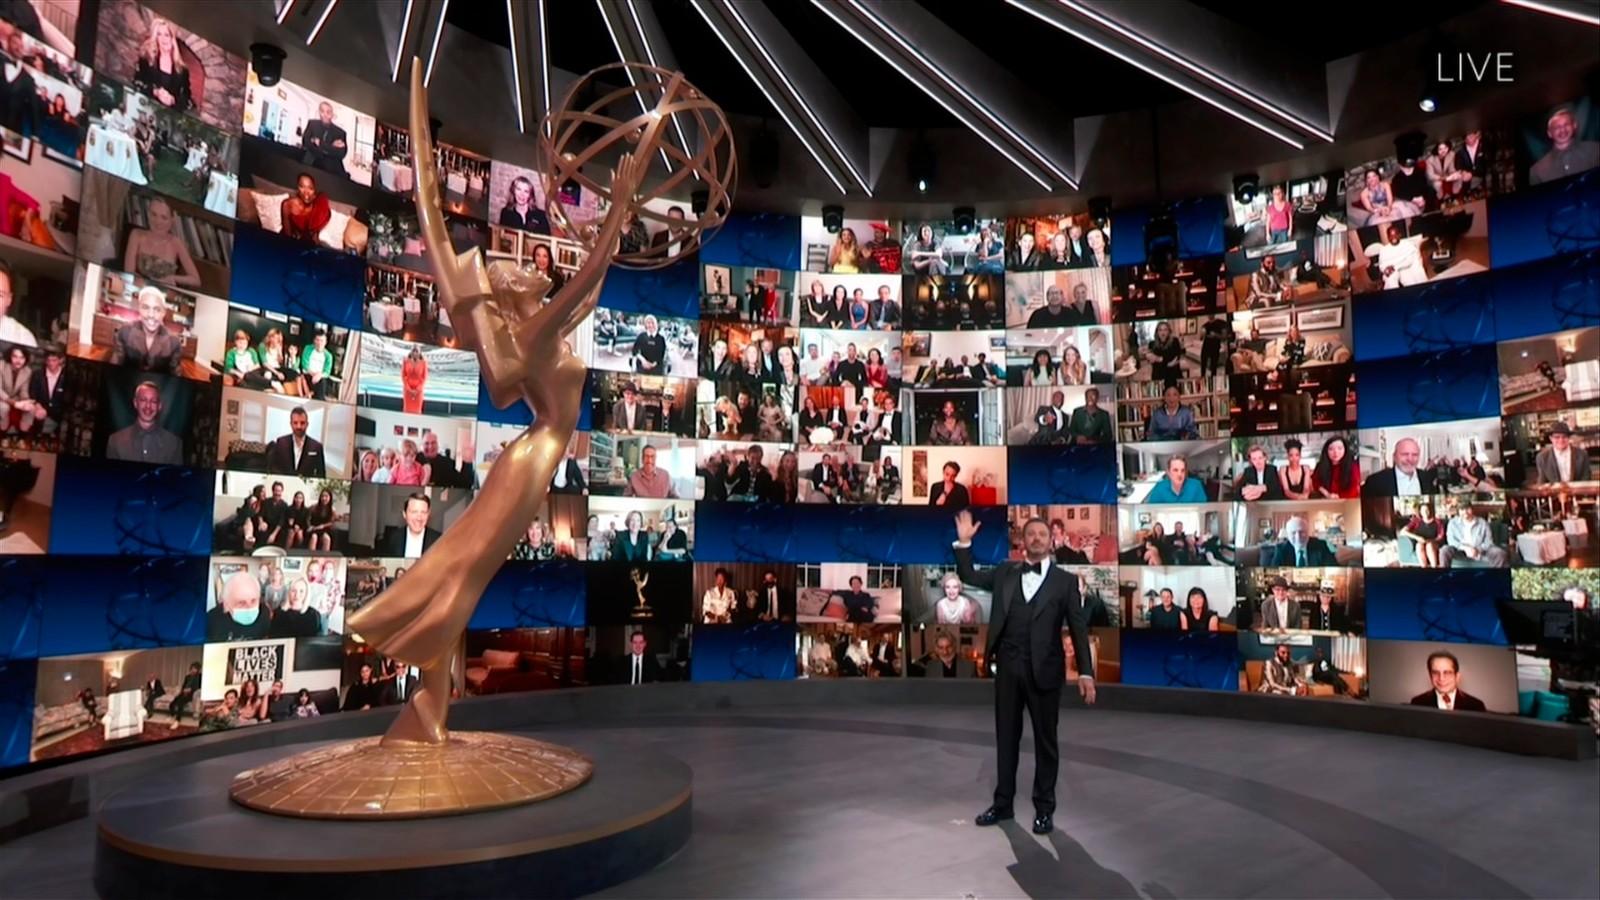 第72届艾美奖颁奖典礼洛杉矶举行 有史以来最惨淡收视_图1-4